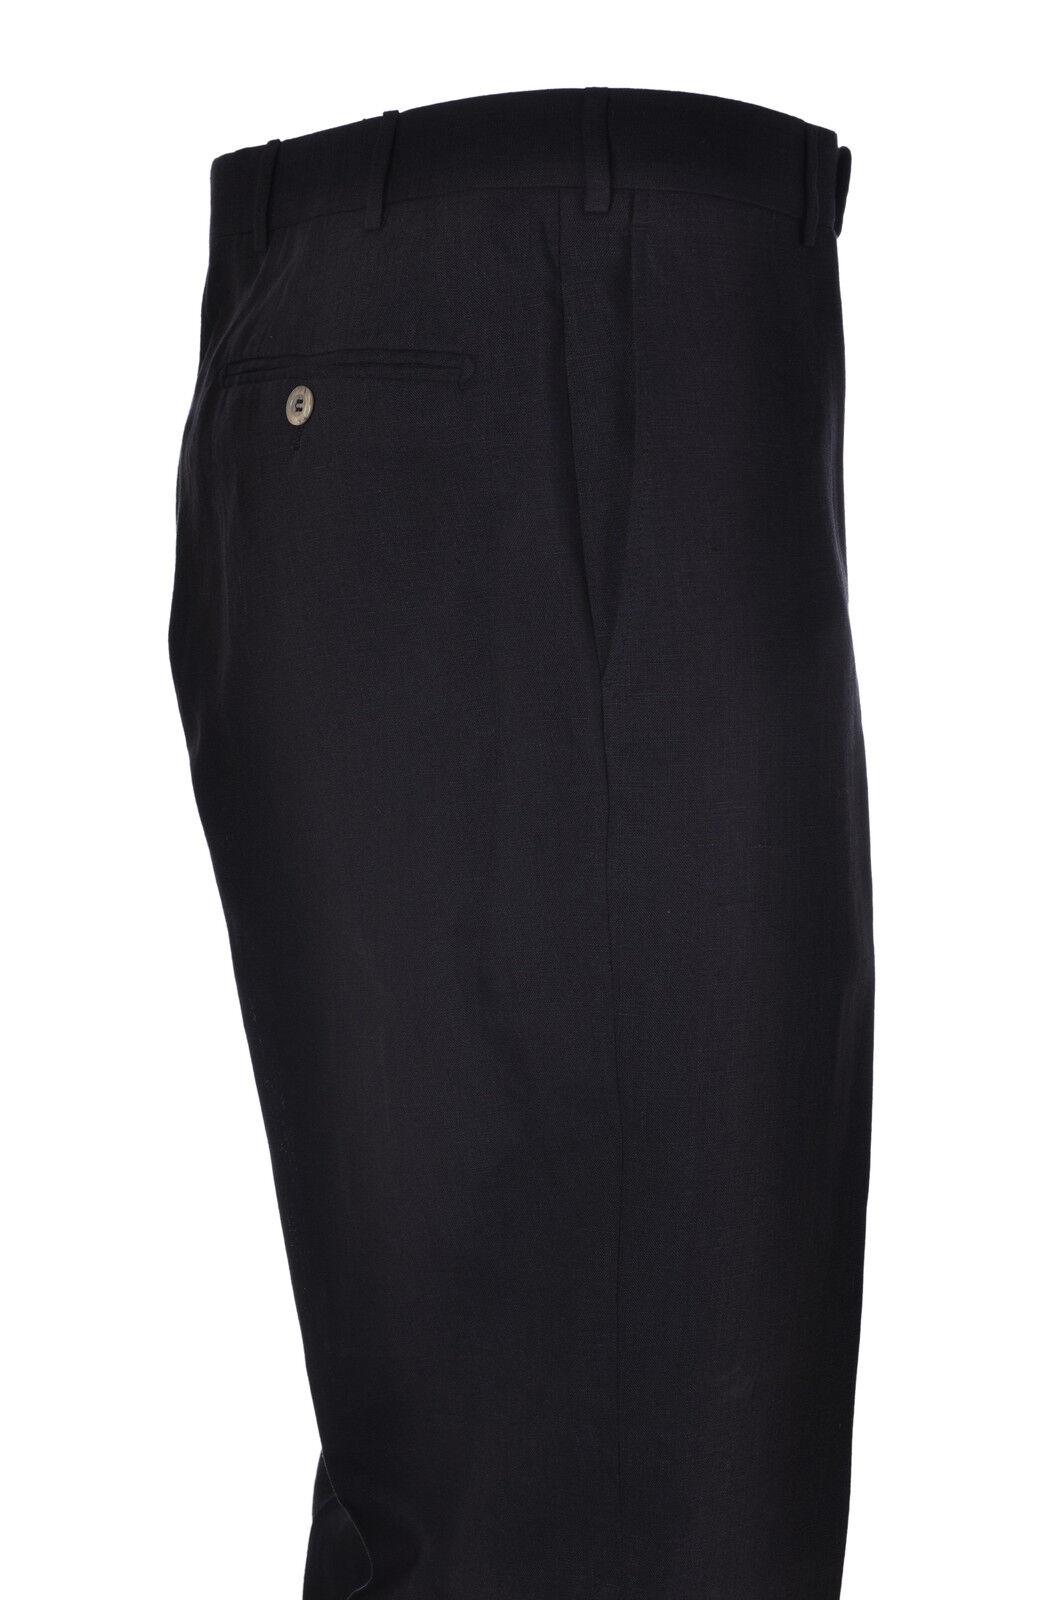 Corneliani Trend - Pants-Pants - Man - bluee - 3254404M184031